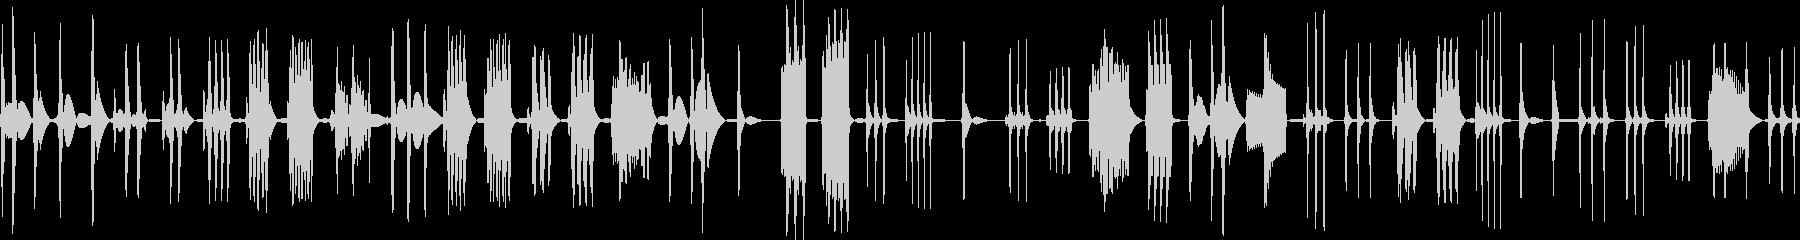 ランダム合成0611 ZGの未再生の波形